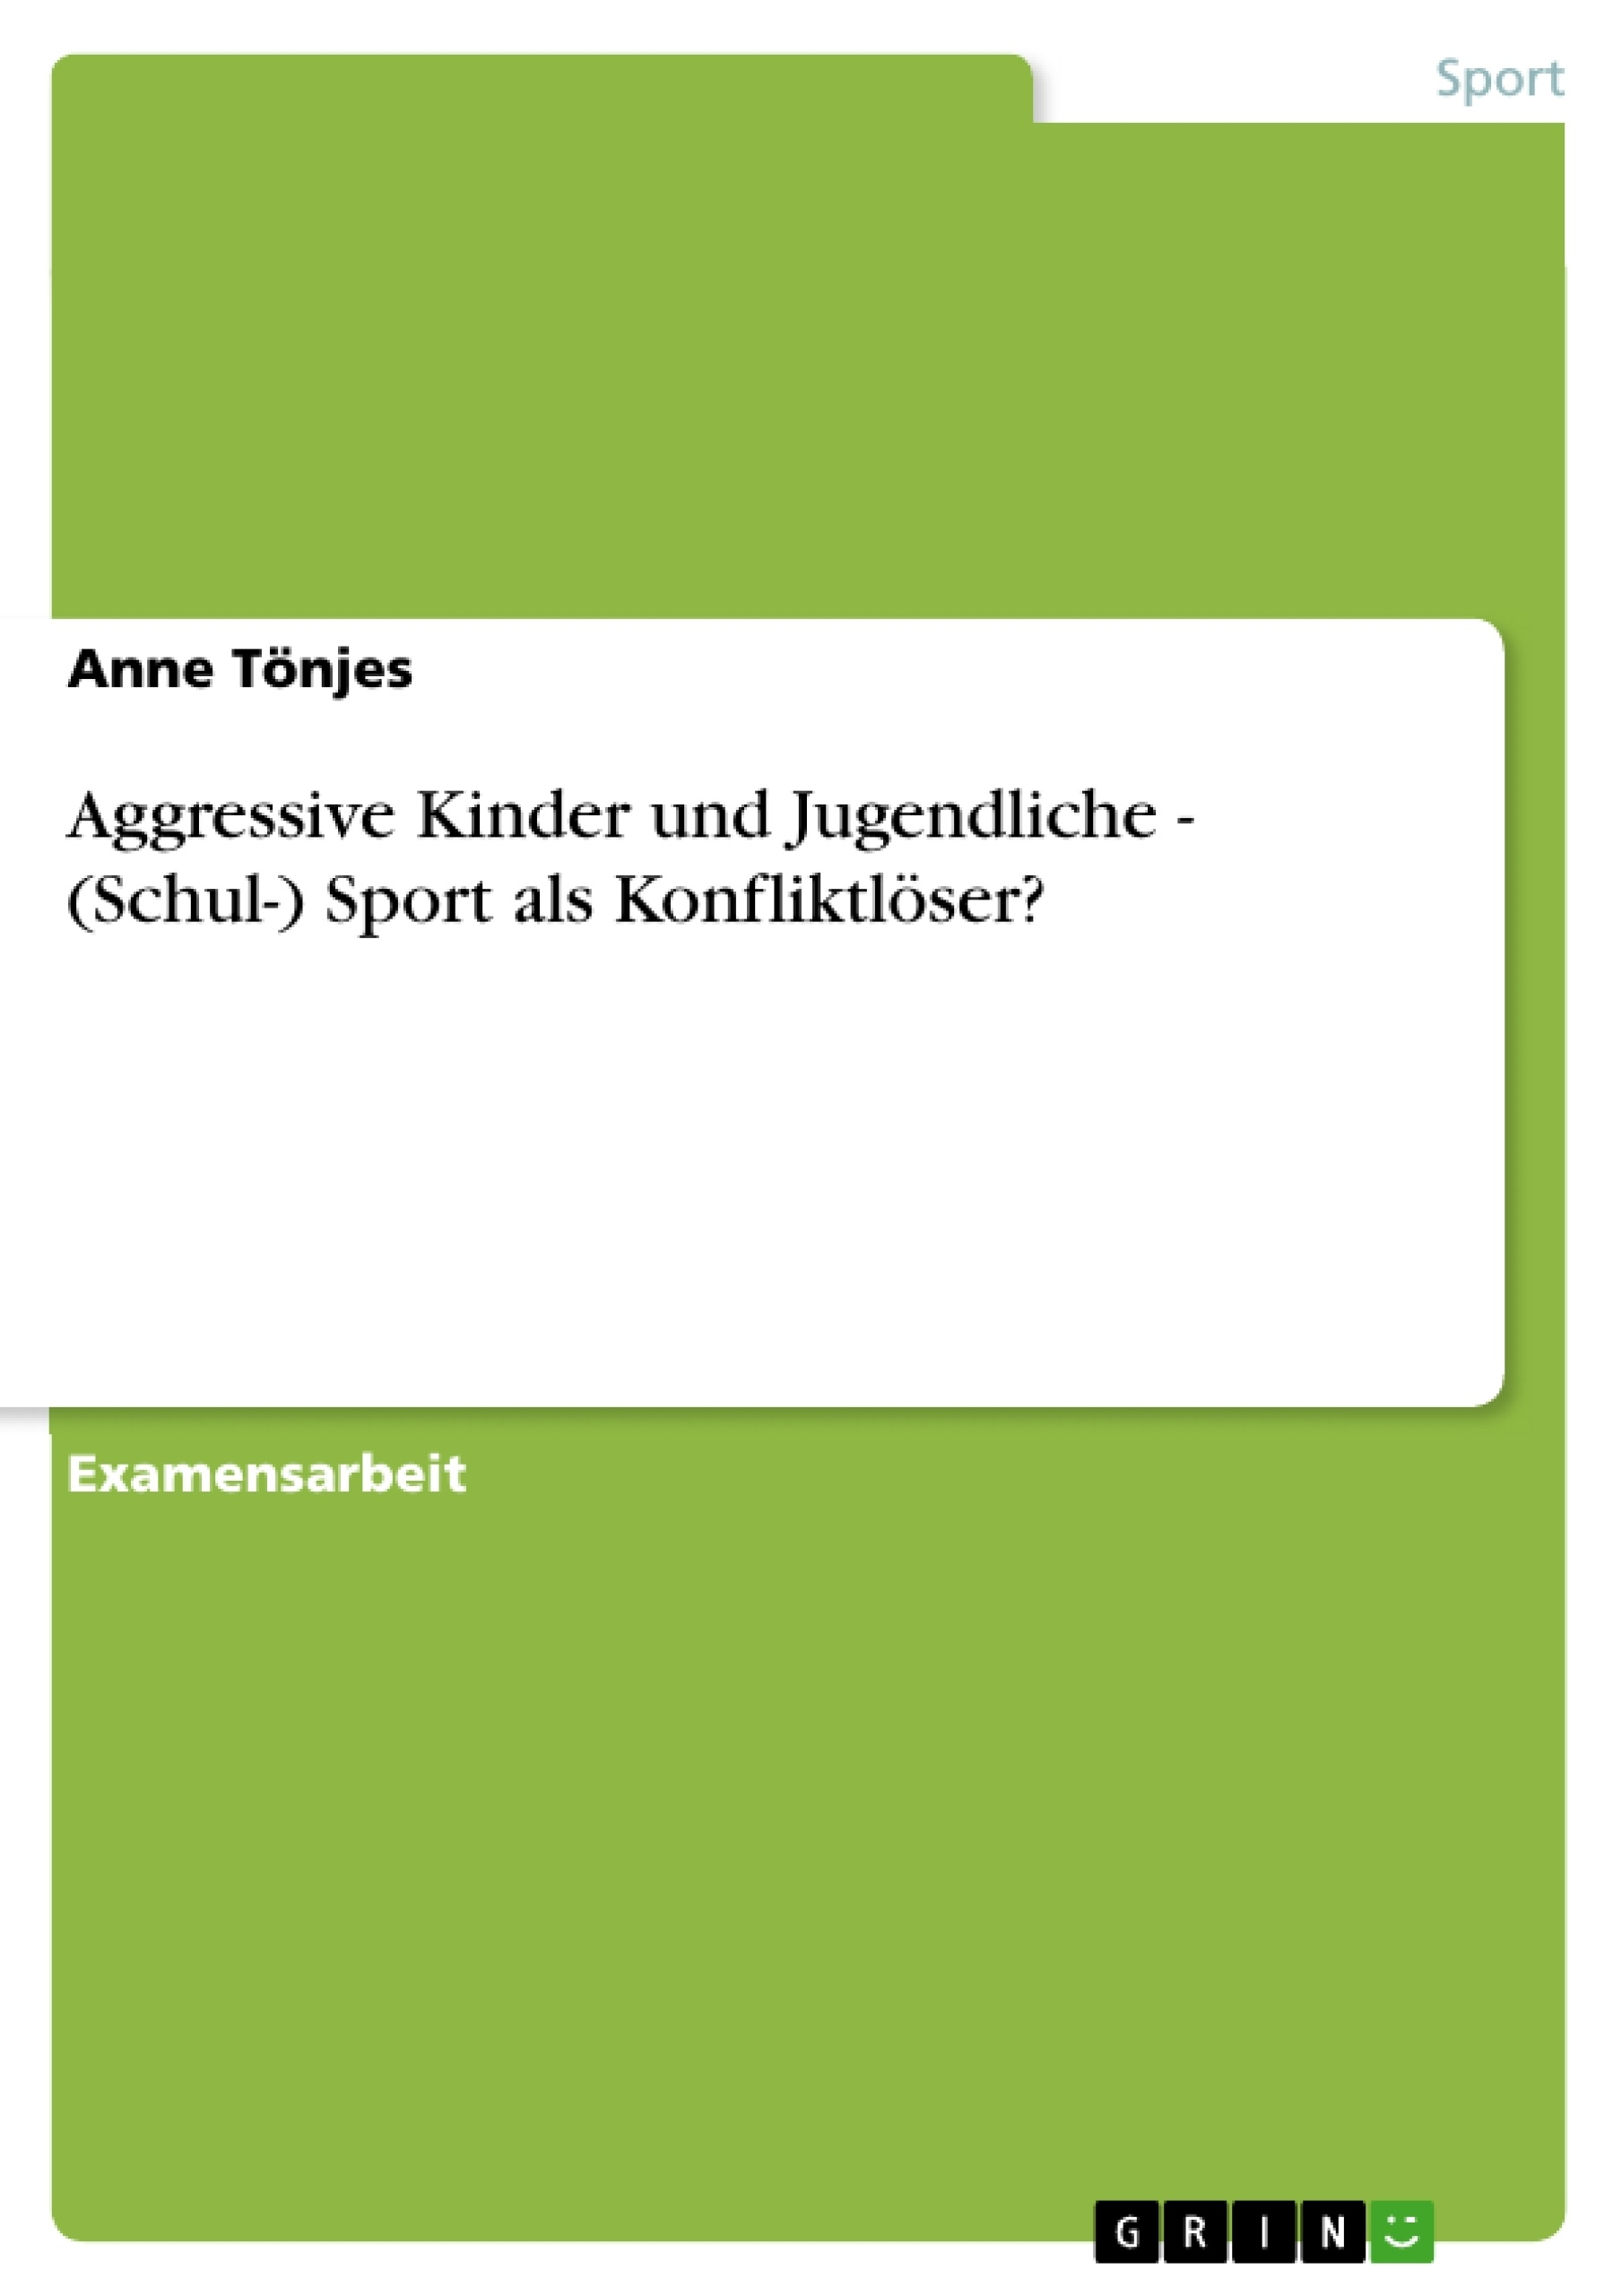 Titel: Aggressive Kinder und Jugendliche - (Schul-) Sport als Konfliktlöser?